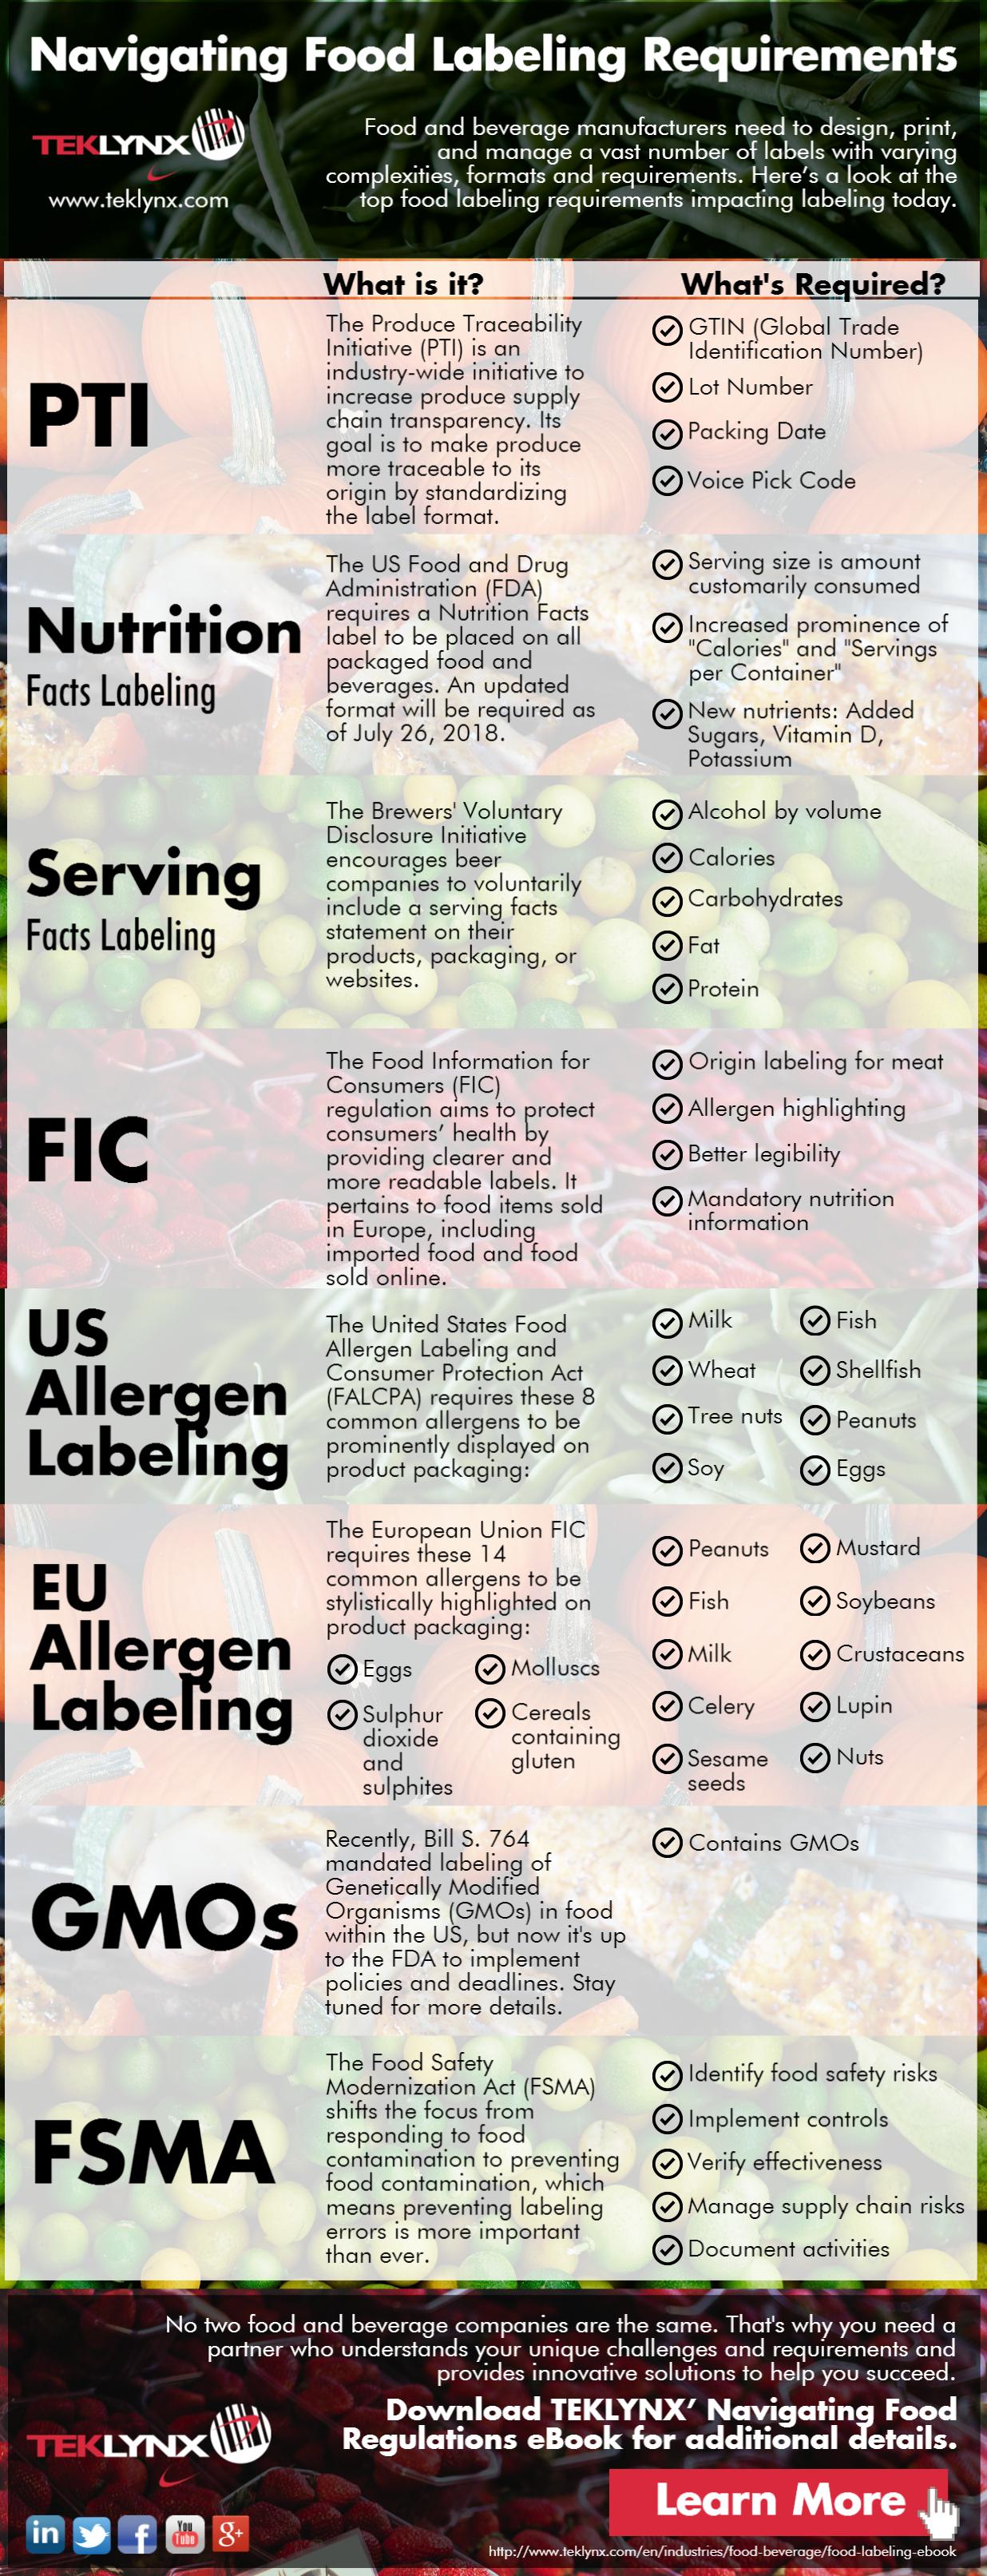 Infografika: Průvodce požadavky na značení potravin